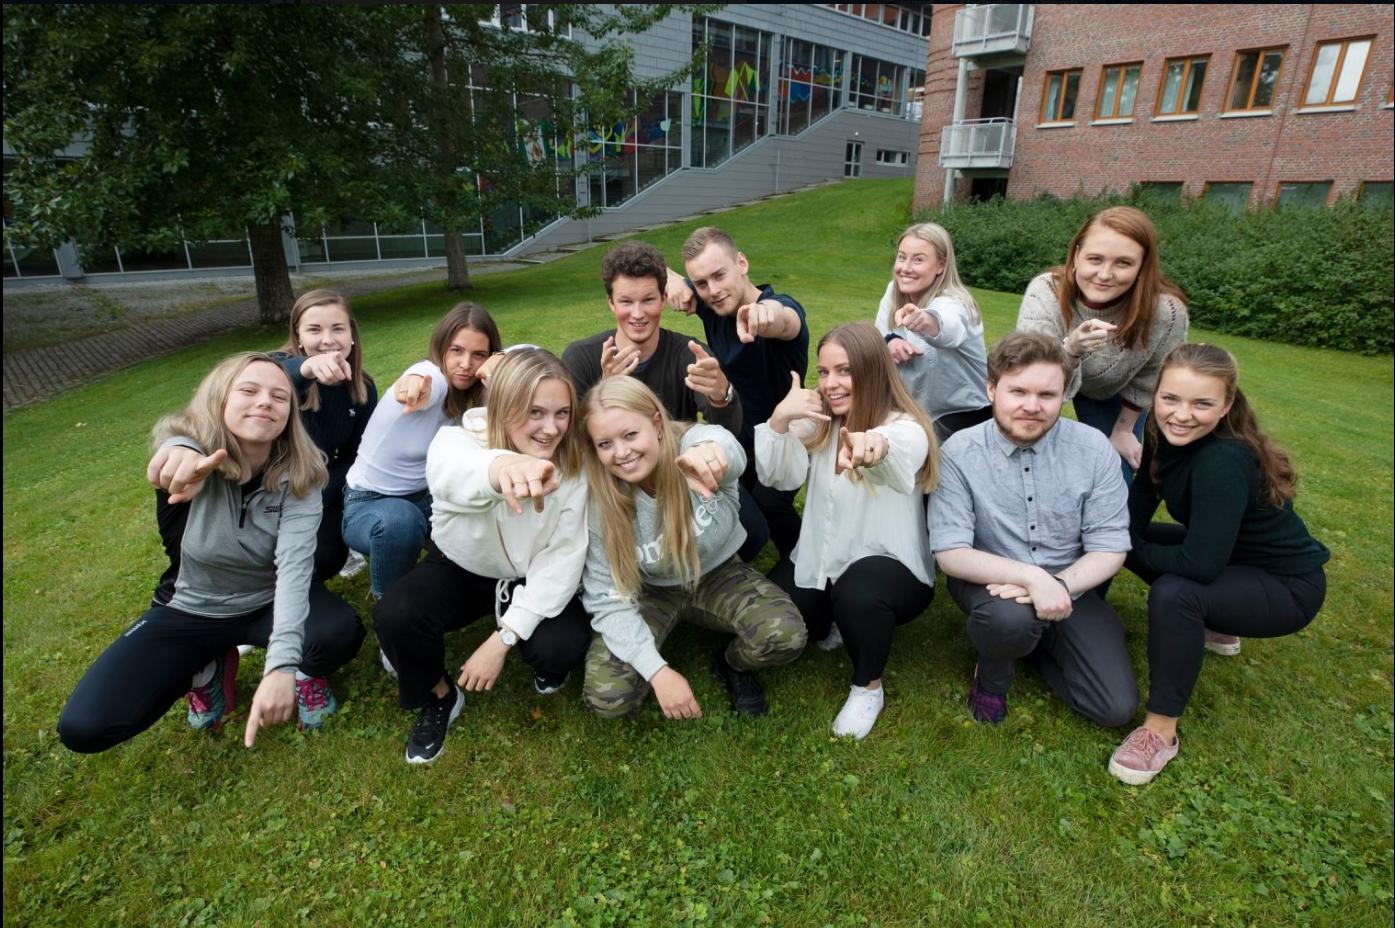 Gjeng med studenter fra UiTstudent sitter i en gruppe